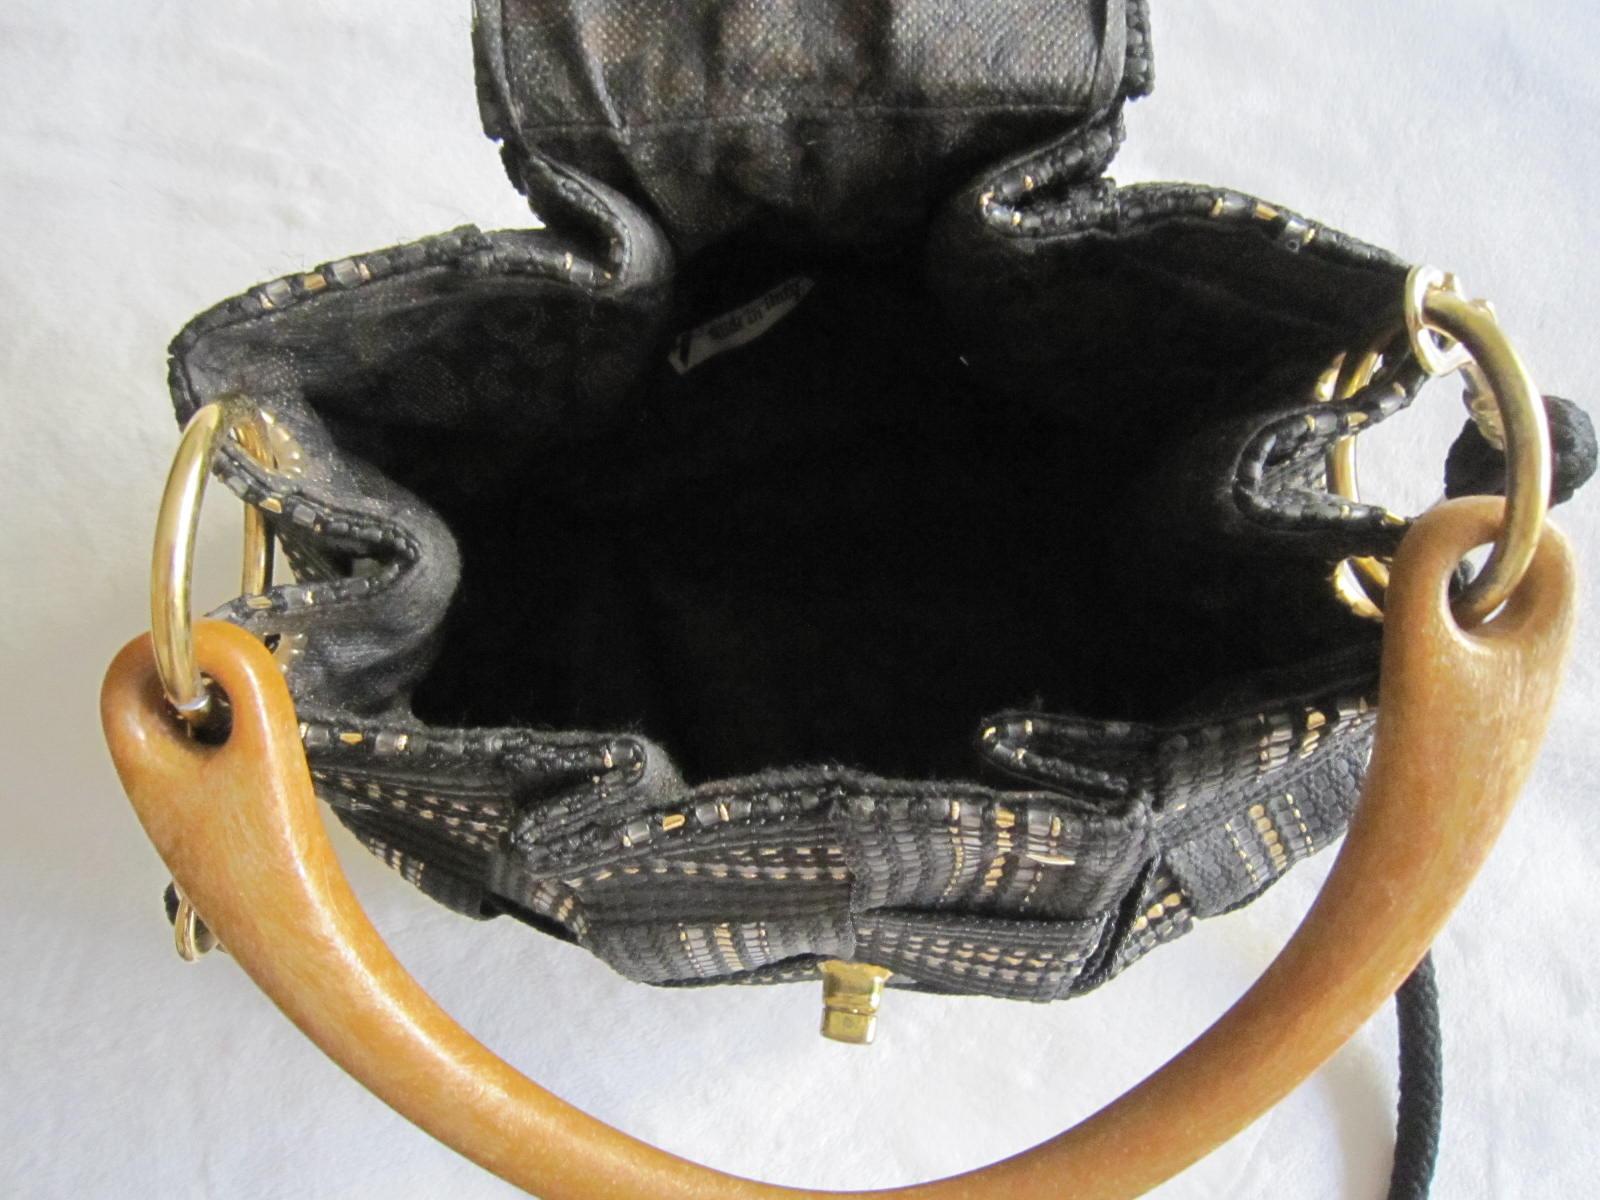 455b24b89 Vintage Fiona Black Shoulder Bag - Luxurylana Boutique